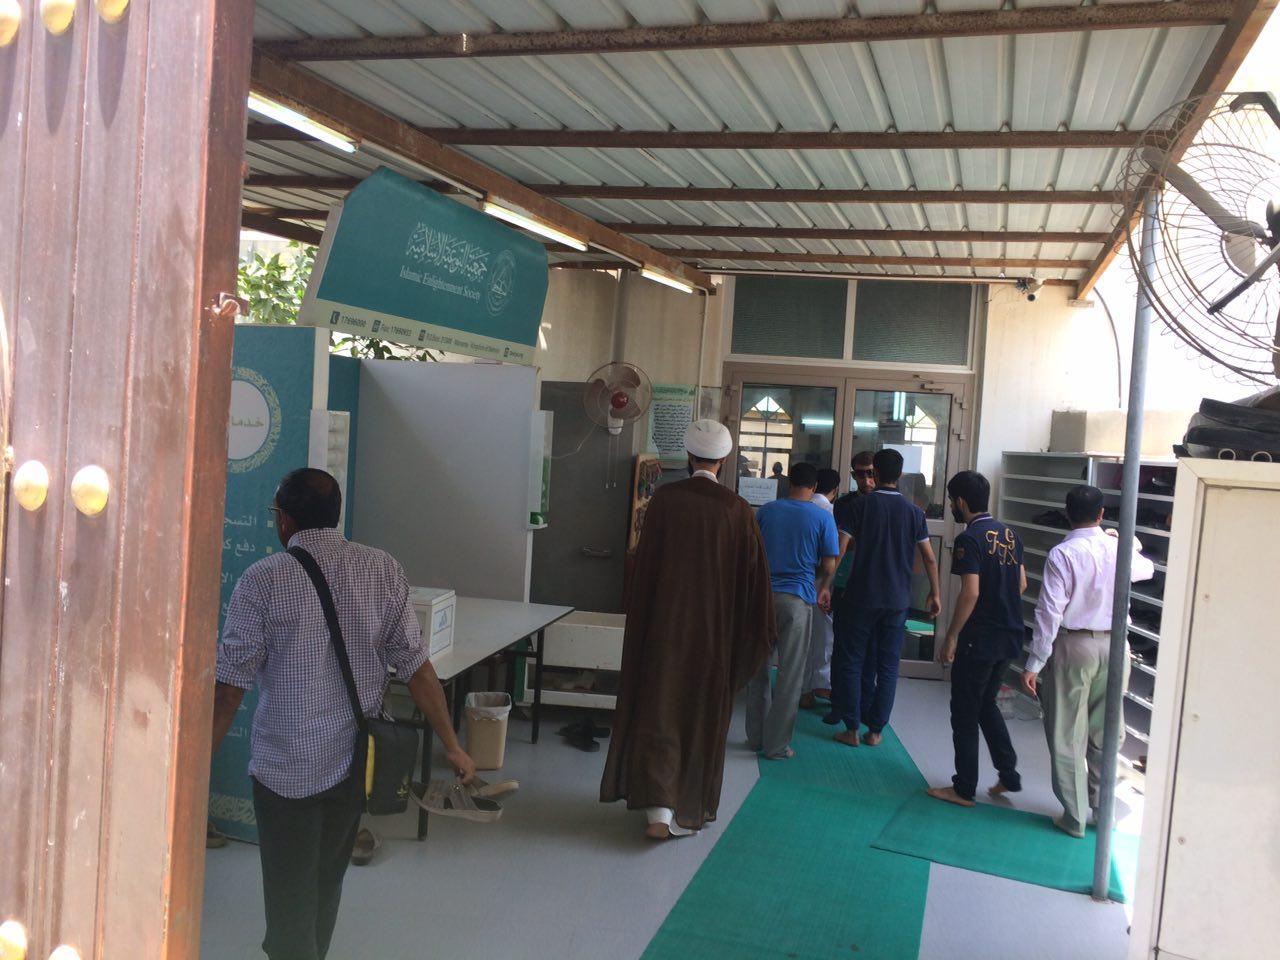 المواطنون يتحدّون الحصار ويتوجّهون للصلاة بالدراز «مشاية»